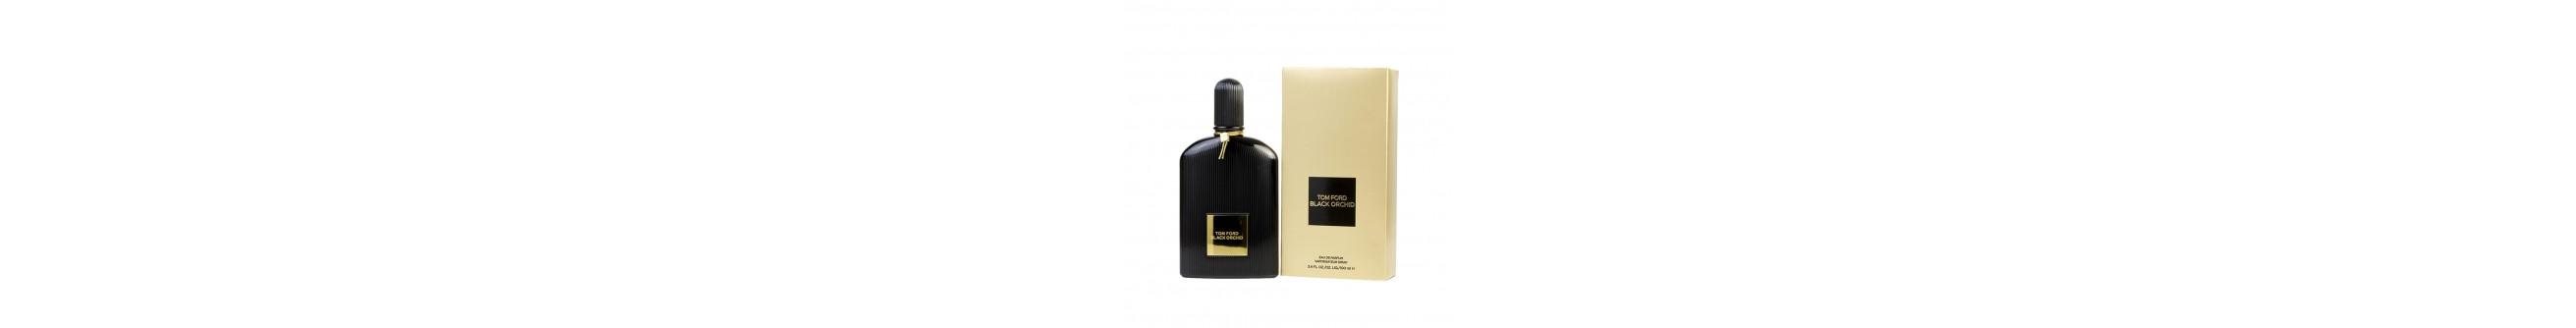 Black Orchid - Tom Ford (άρωμα τύπου)